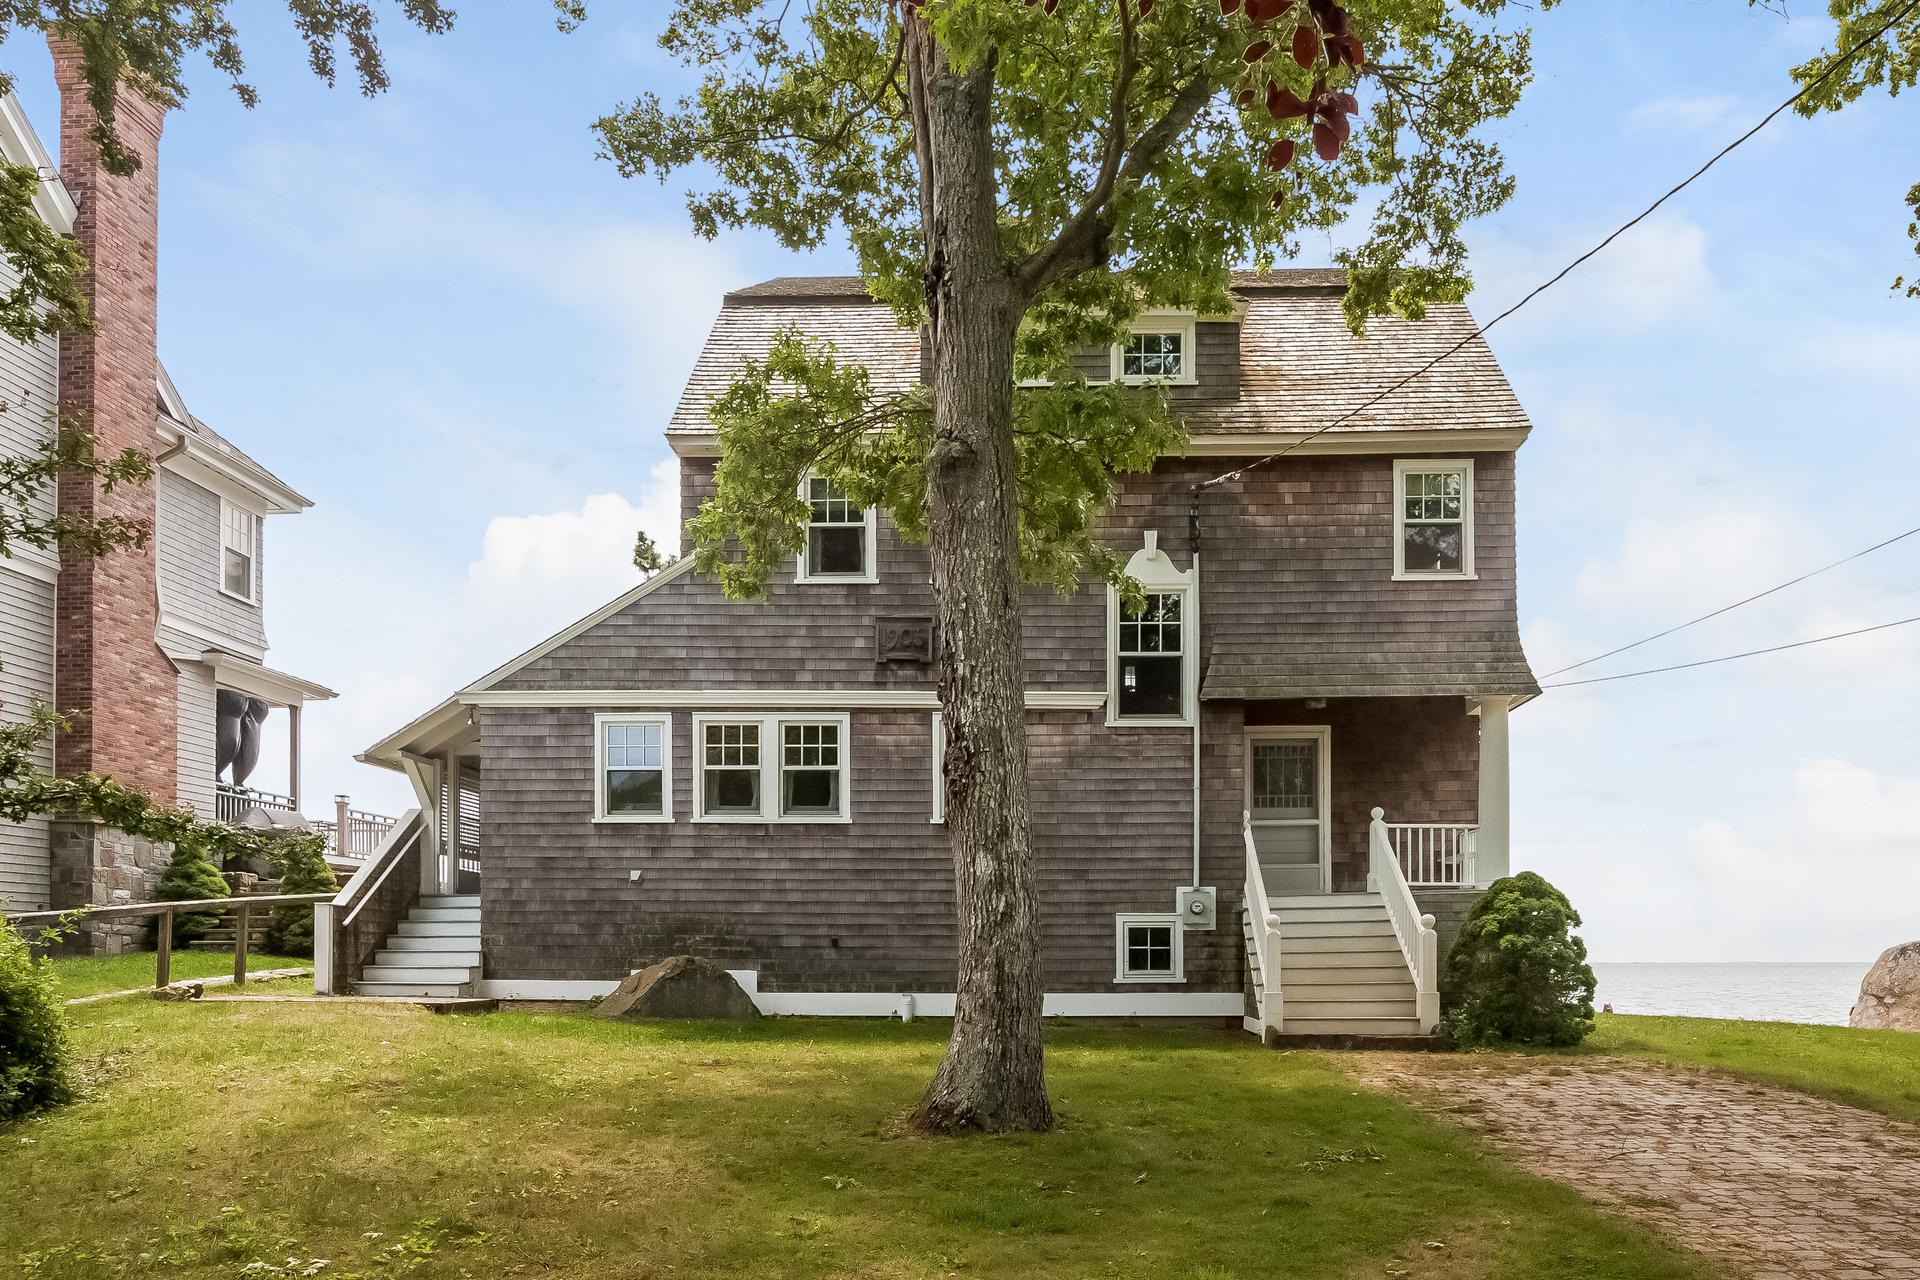 Einfamilienhaus für Verkauf beim Direct Waterfront 75 Groveway Clinton, Connecticut, 06413 Vereinigte Staaten